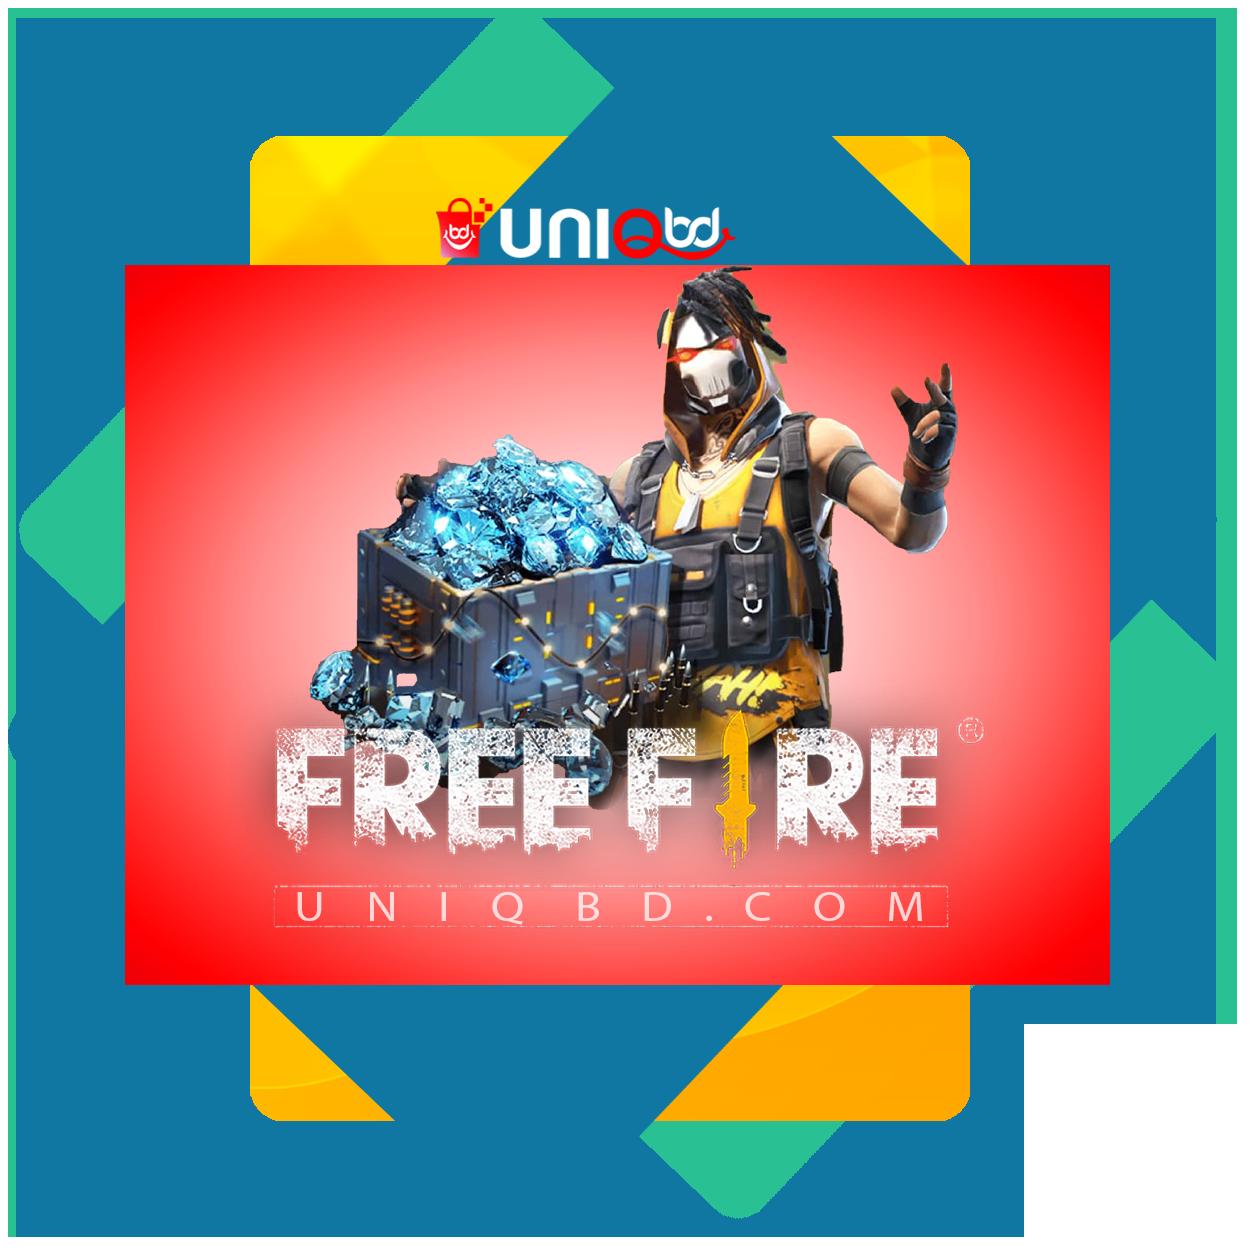 Uniqbd free fire diamonds